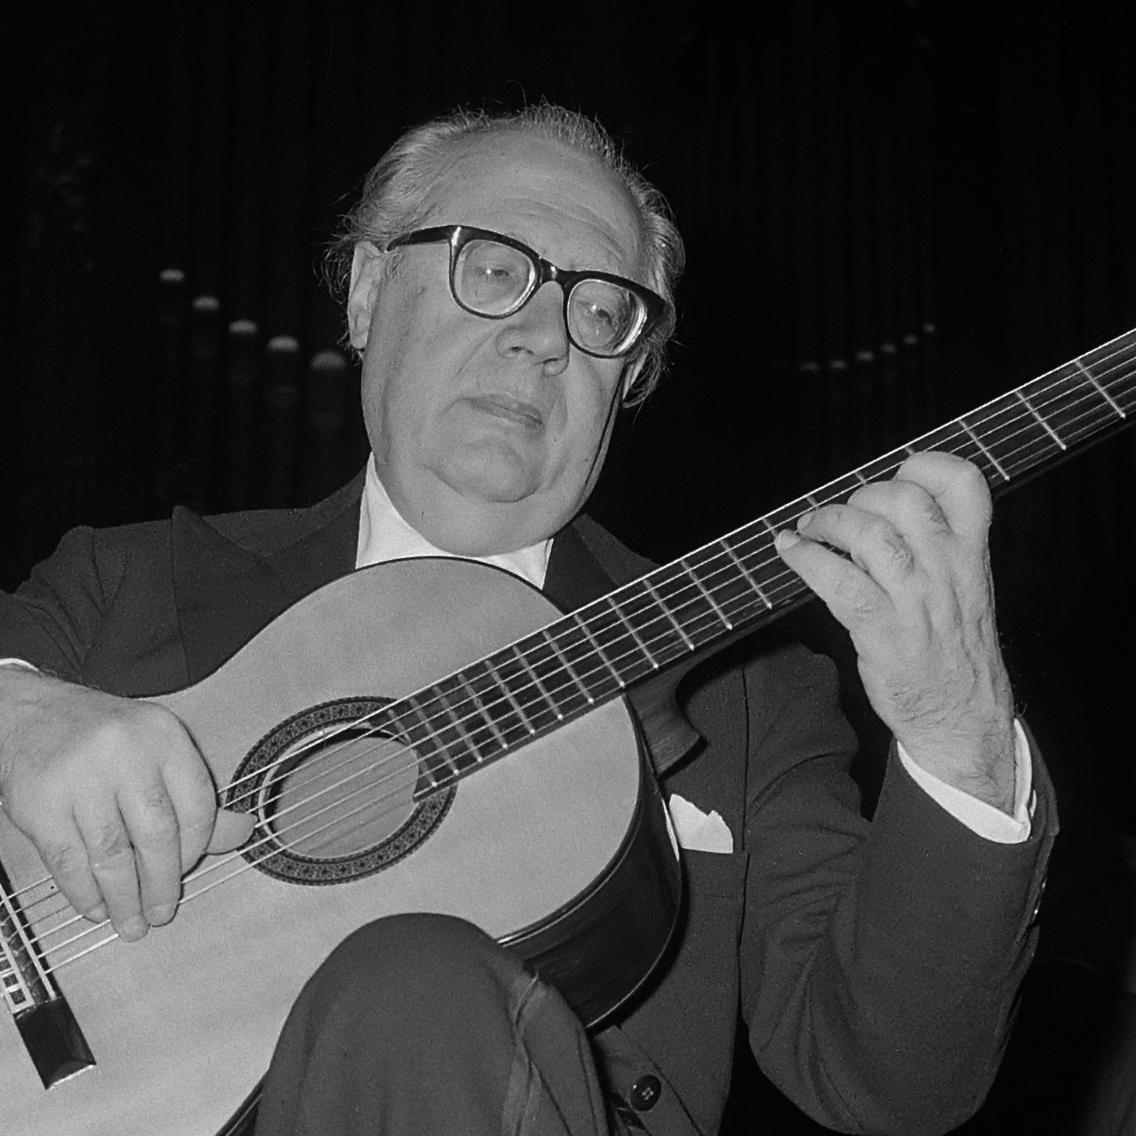 Andres Segovia in 1962